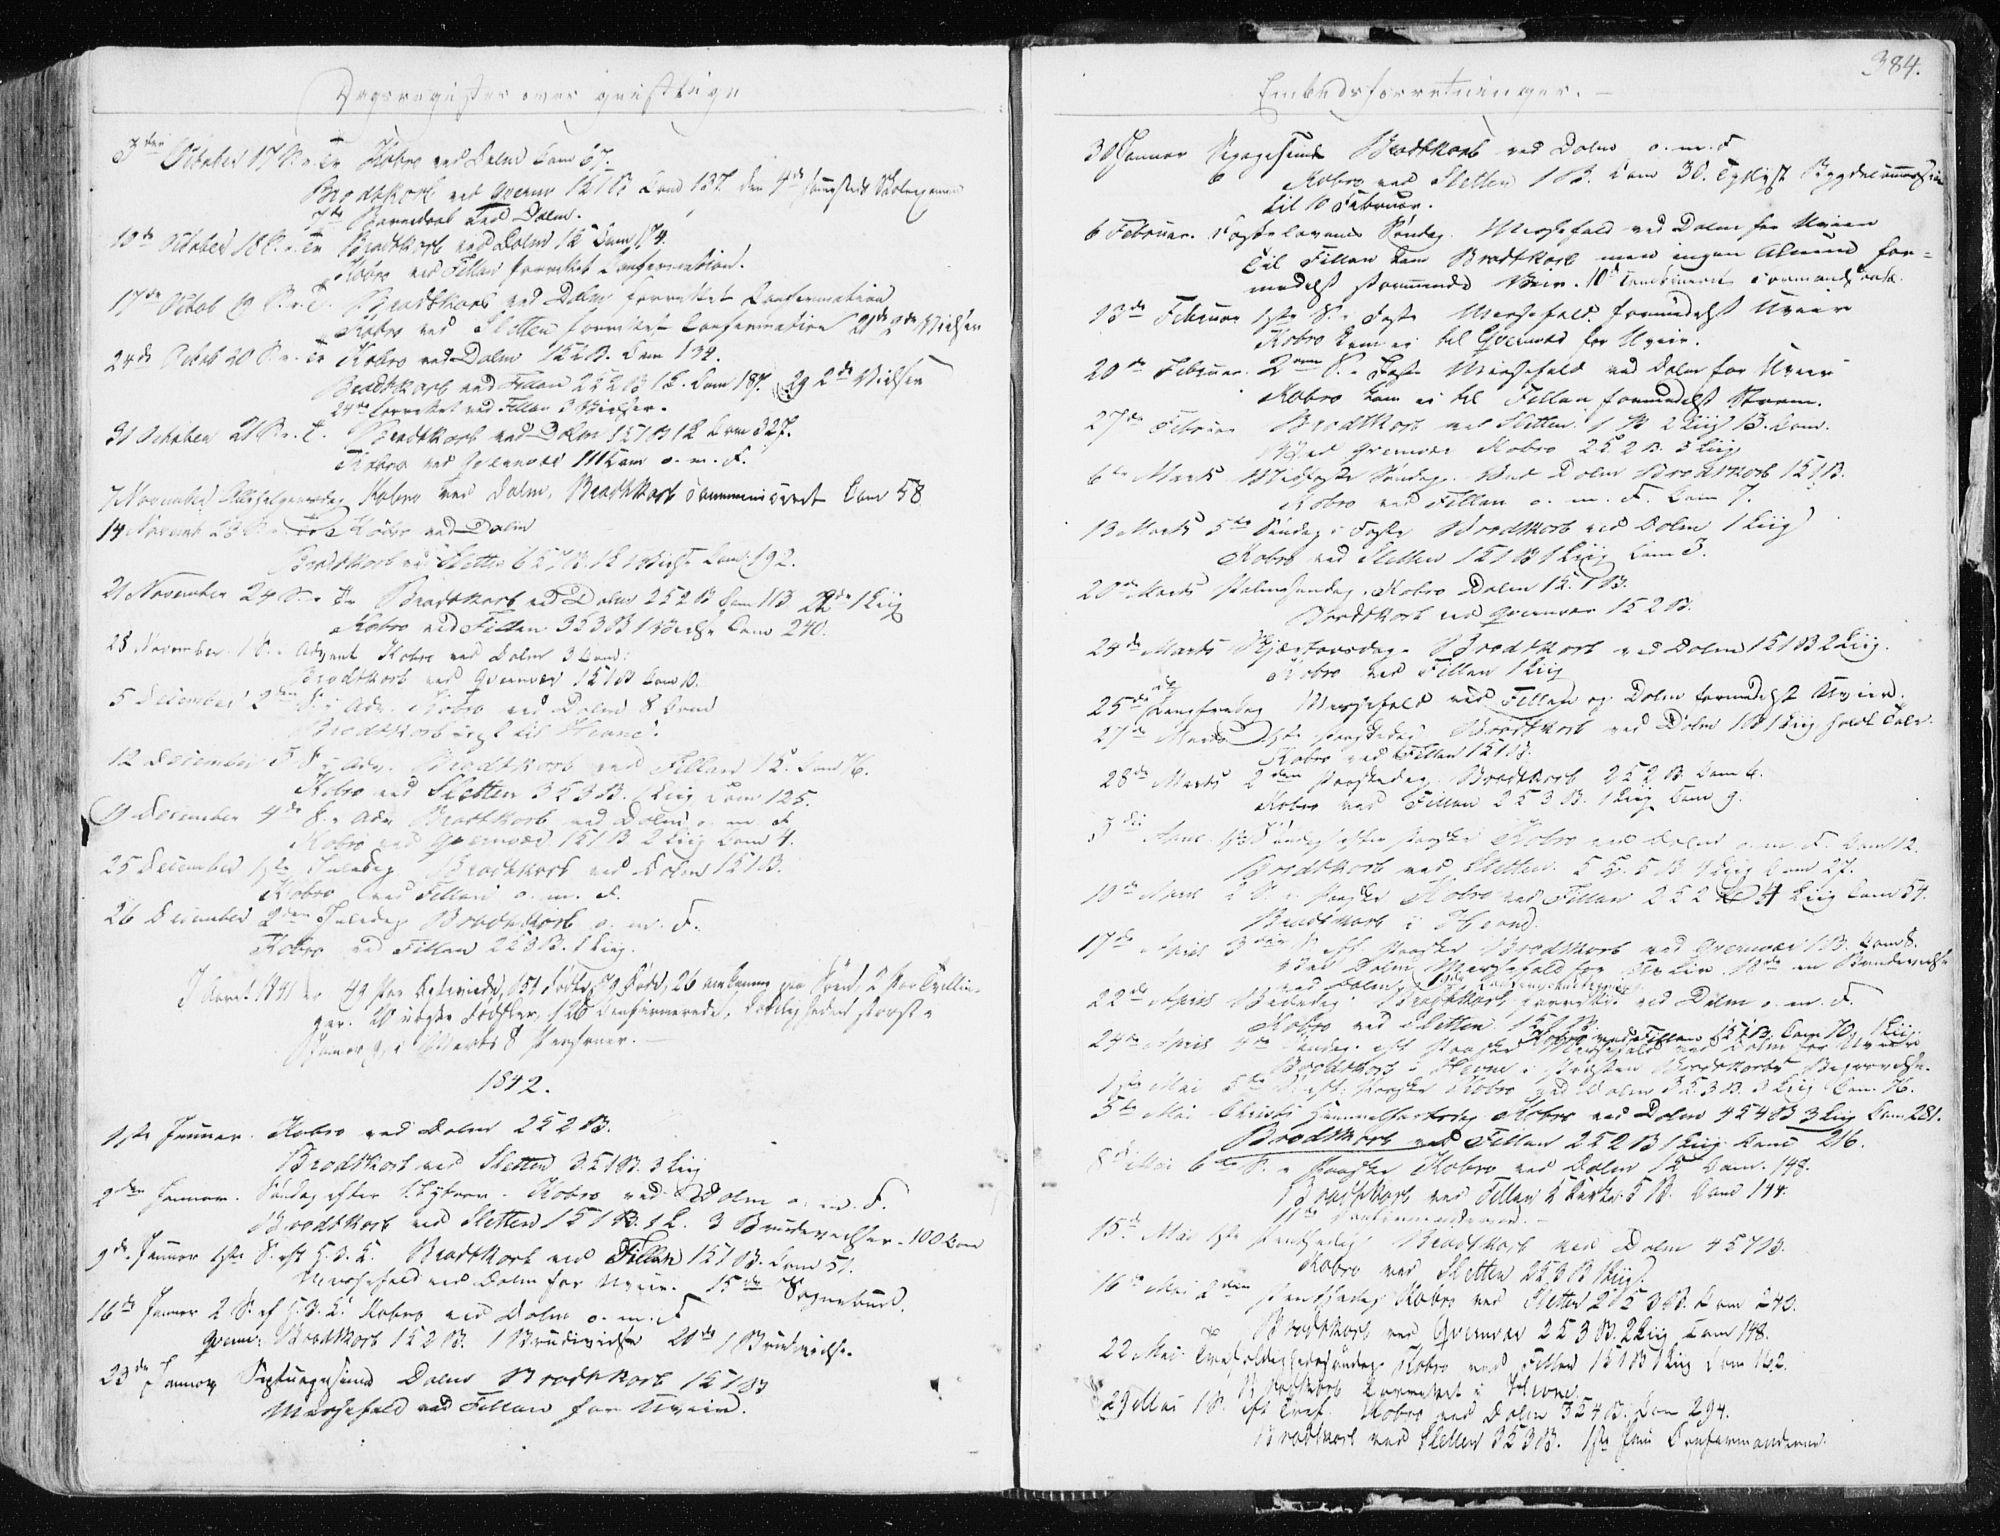 SAT, Ministerialprotokoller, klokkerbøker og fødselsregistre - Sør-Trøndelag, 634/L0528: Ministerialbok nr. 634A04, 1827-1842, s. 384